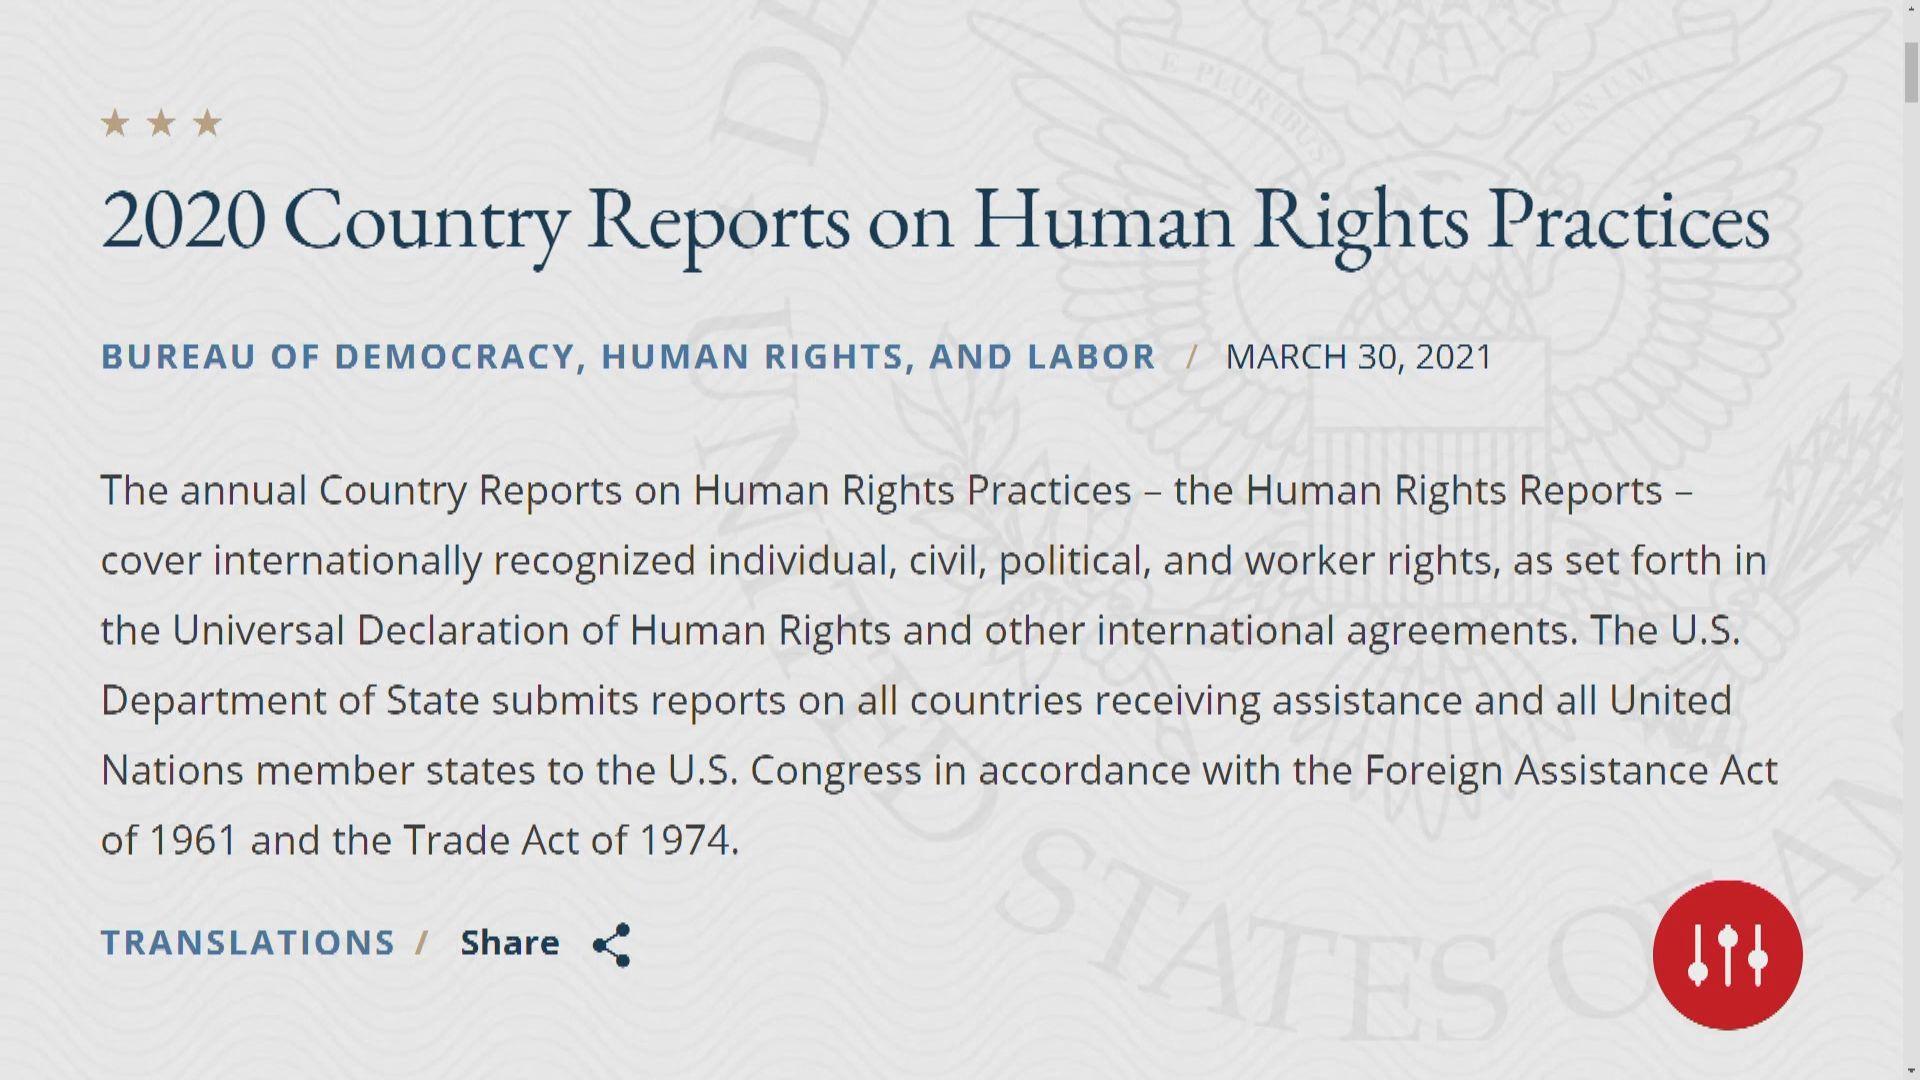 美國發表人權報告批中俄等國侵害人權